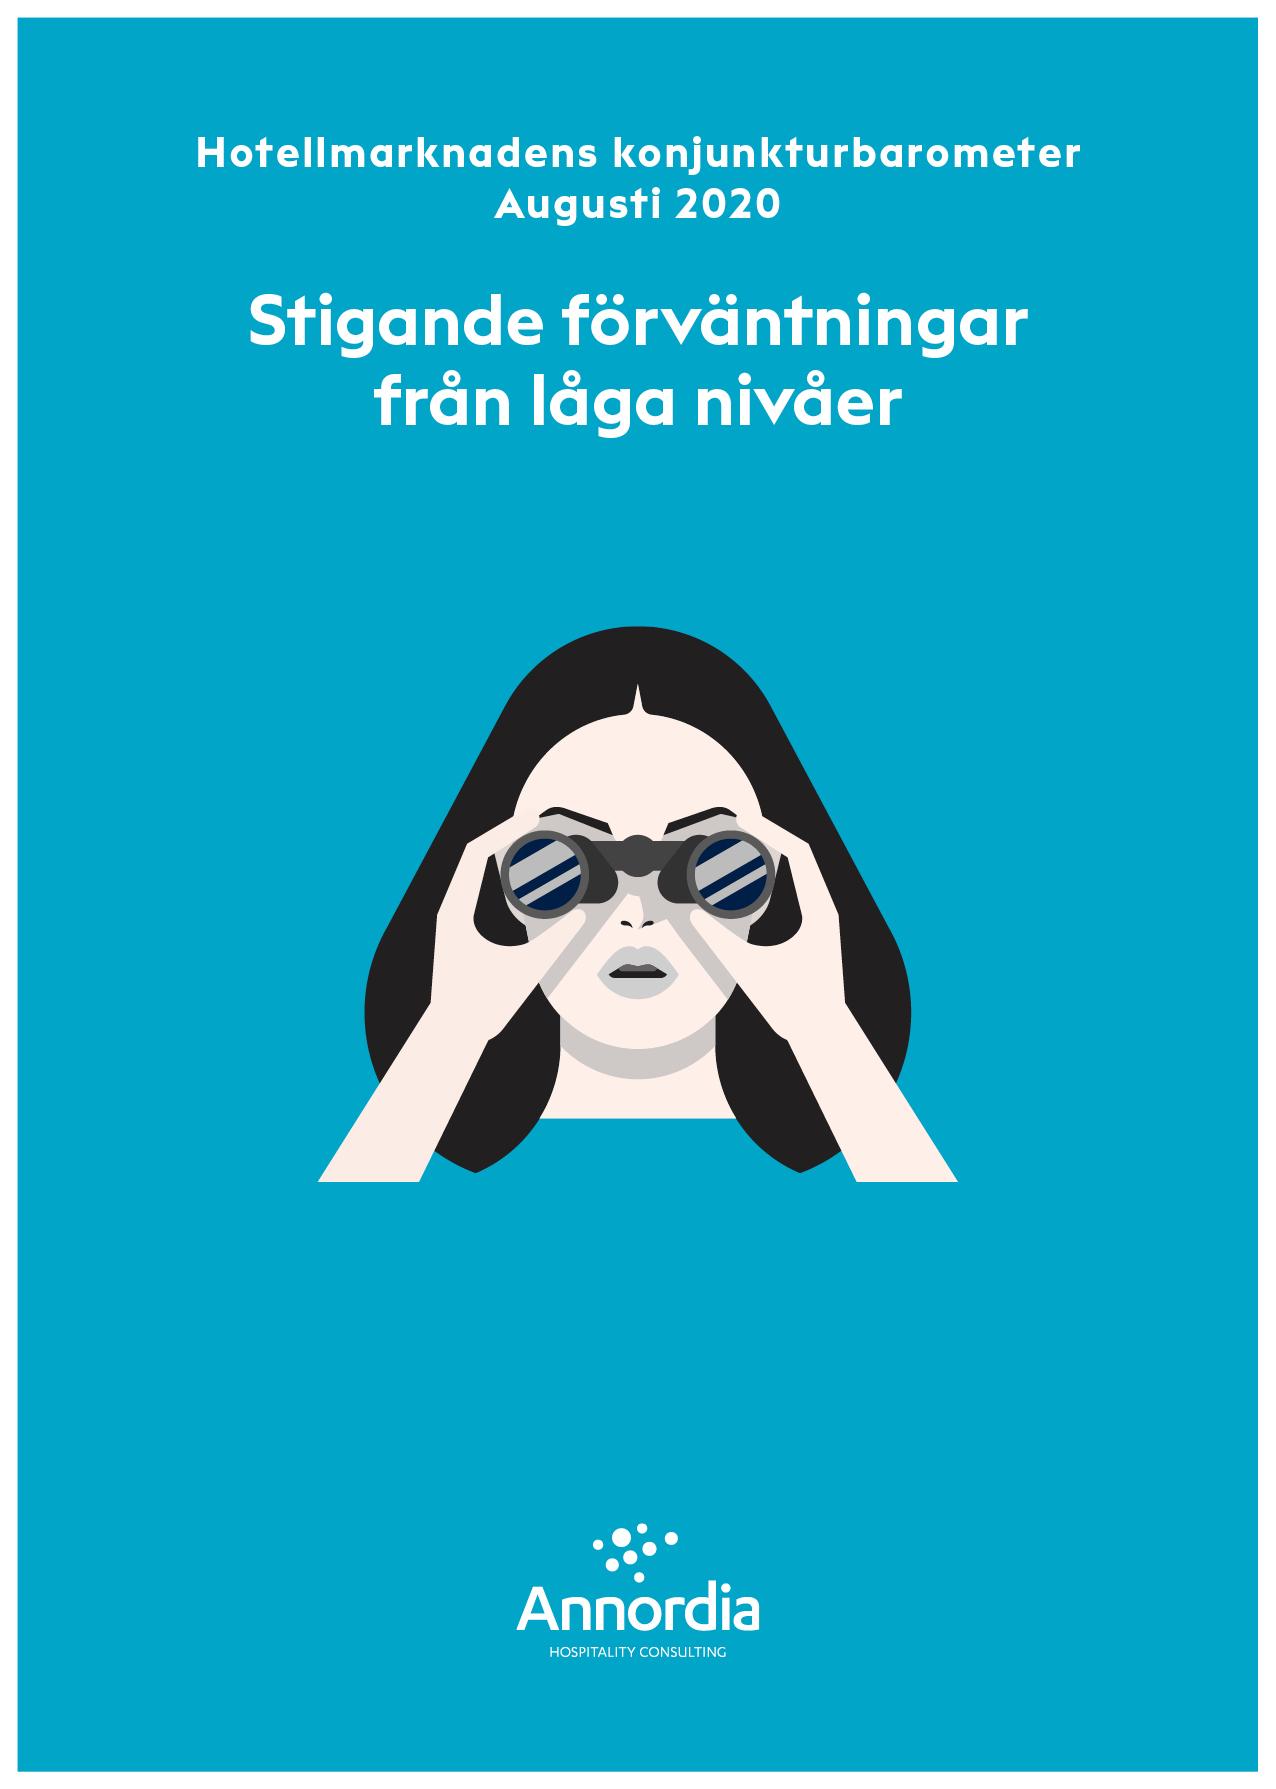 Hotellmarknadens konjunkturbarometer utan kanter_Augusti 2020 p1